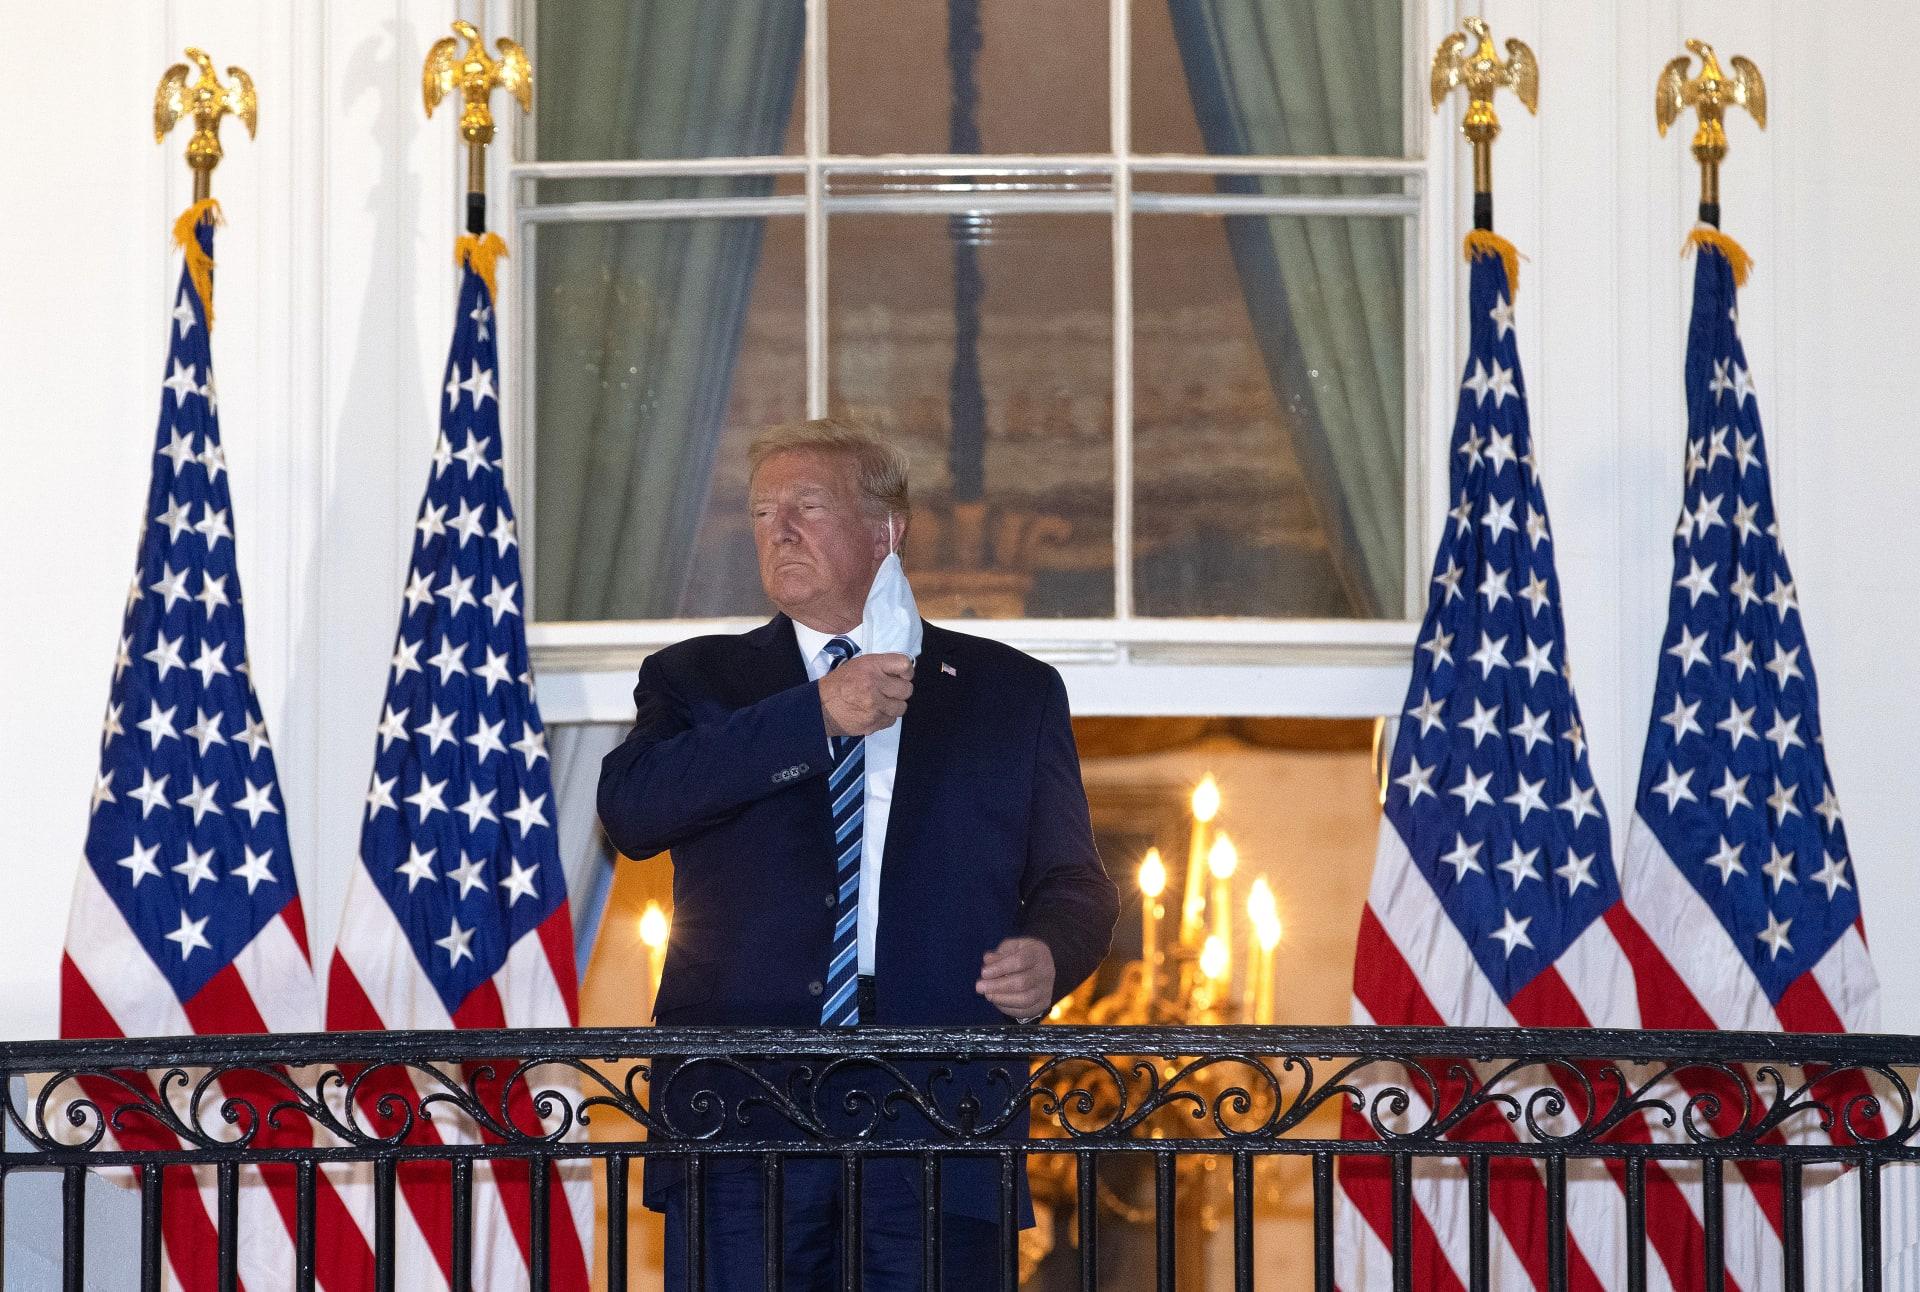 ترامب يخلع الكمامة فور عودته للبيت الأبيض